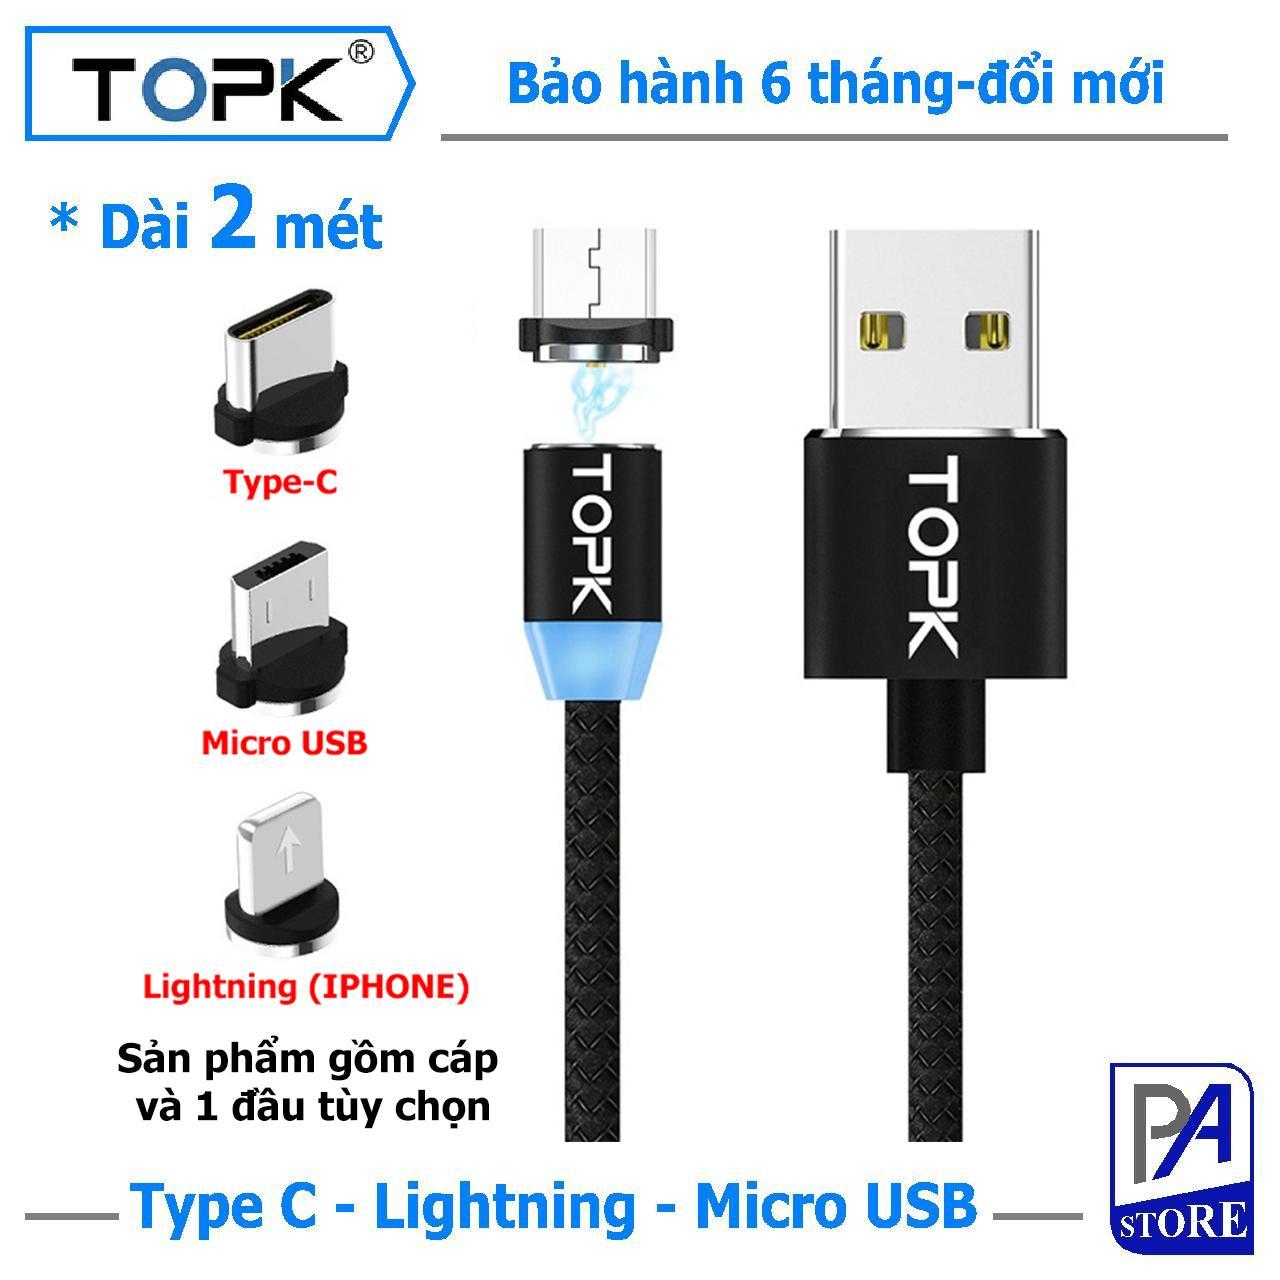 Cáp Sạc Nam châm TOPK, Dài 2 mét, Đầu Thẳng (1 Trong 3 Đầu Iphone Lightning, Micro USB, Type C)